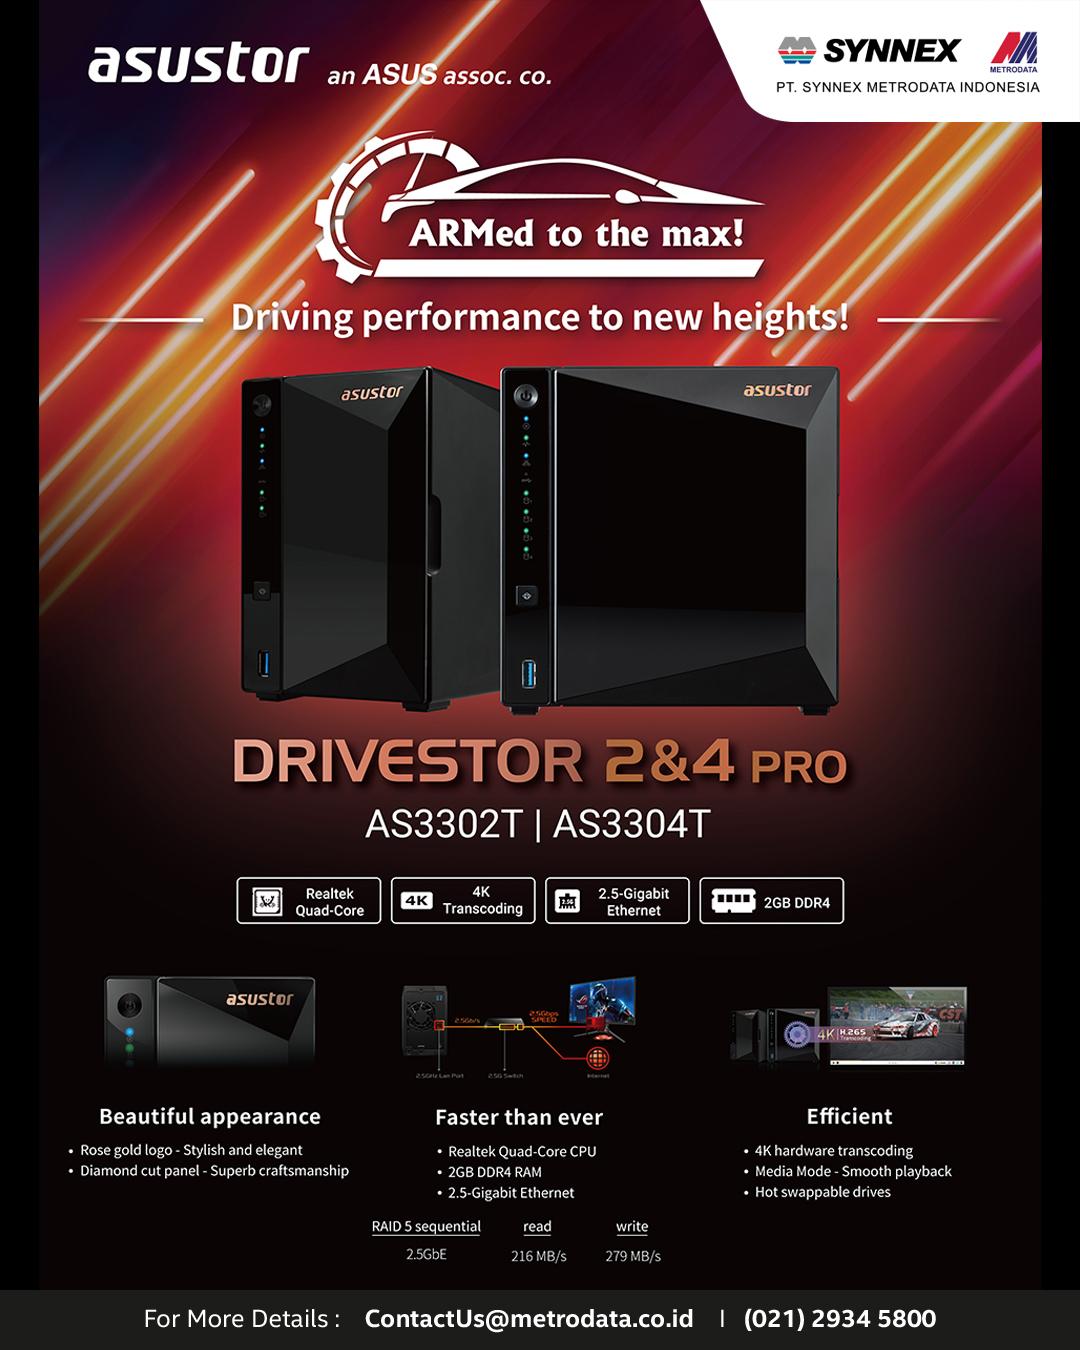 https://www.synnexmetrodata.com/wp-content/uploads/2021/10/EDM-ASUSTOR-Drivestor-24-Pro.jpg